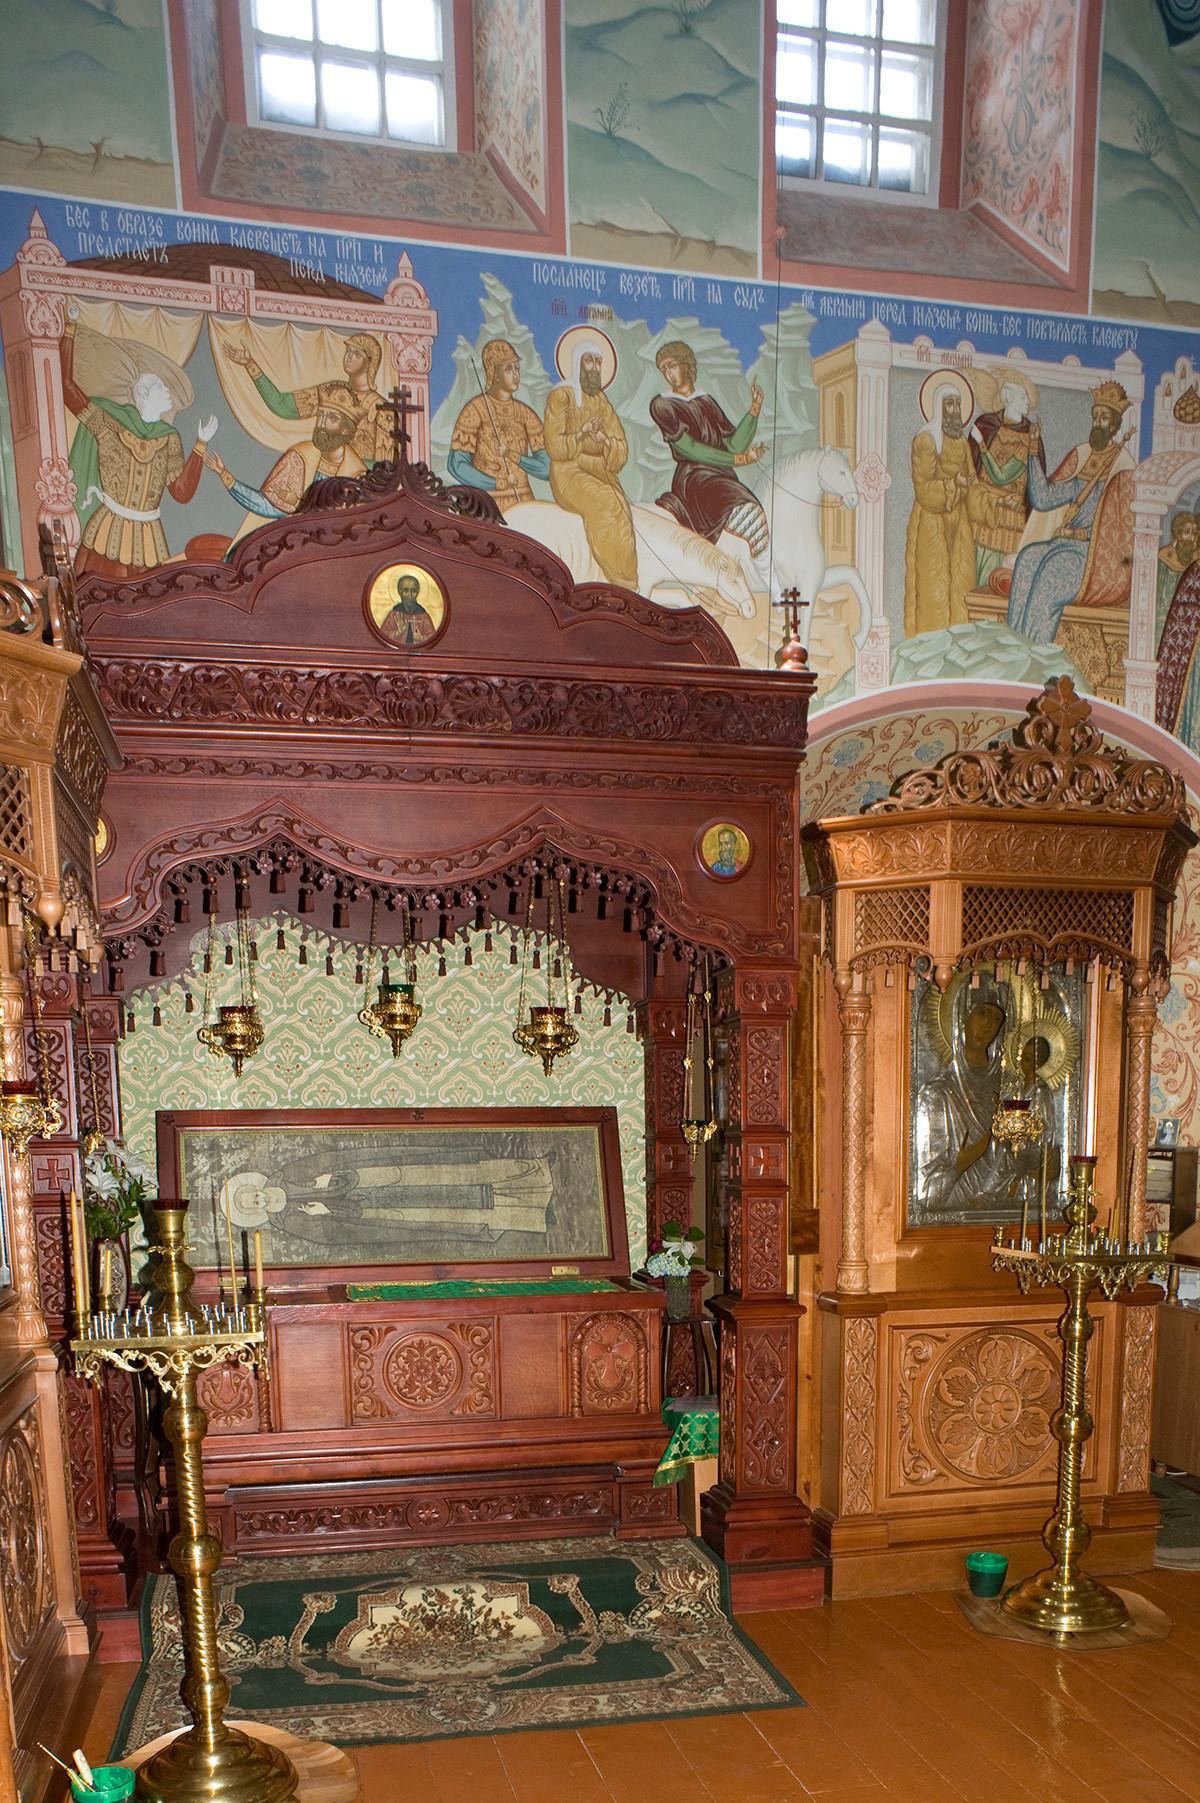 Monastèredel'ÉpiphanieSaintAbraham. ÉgliseSaint-Nicolas au-dessus de la Sainte Porte, intérieur, mur nord avec sarcophage contenant des reliques deSaintAbrahamdeRostov